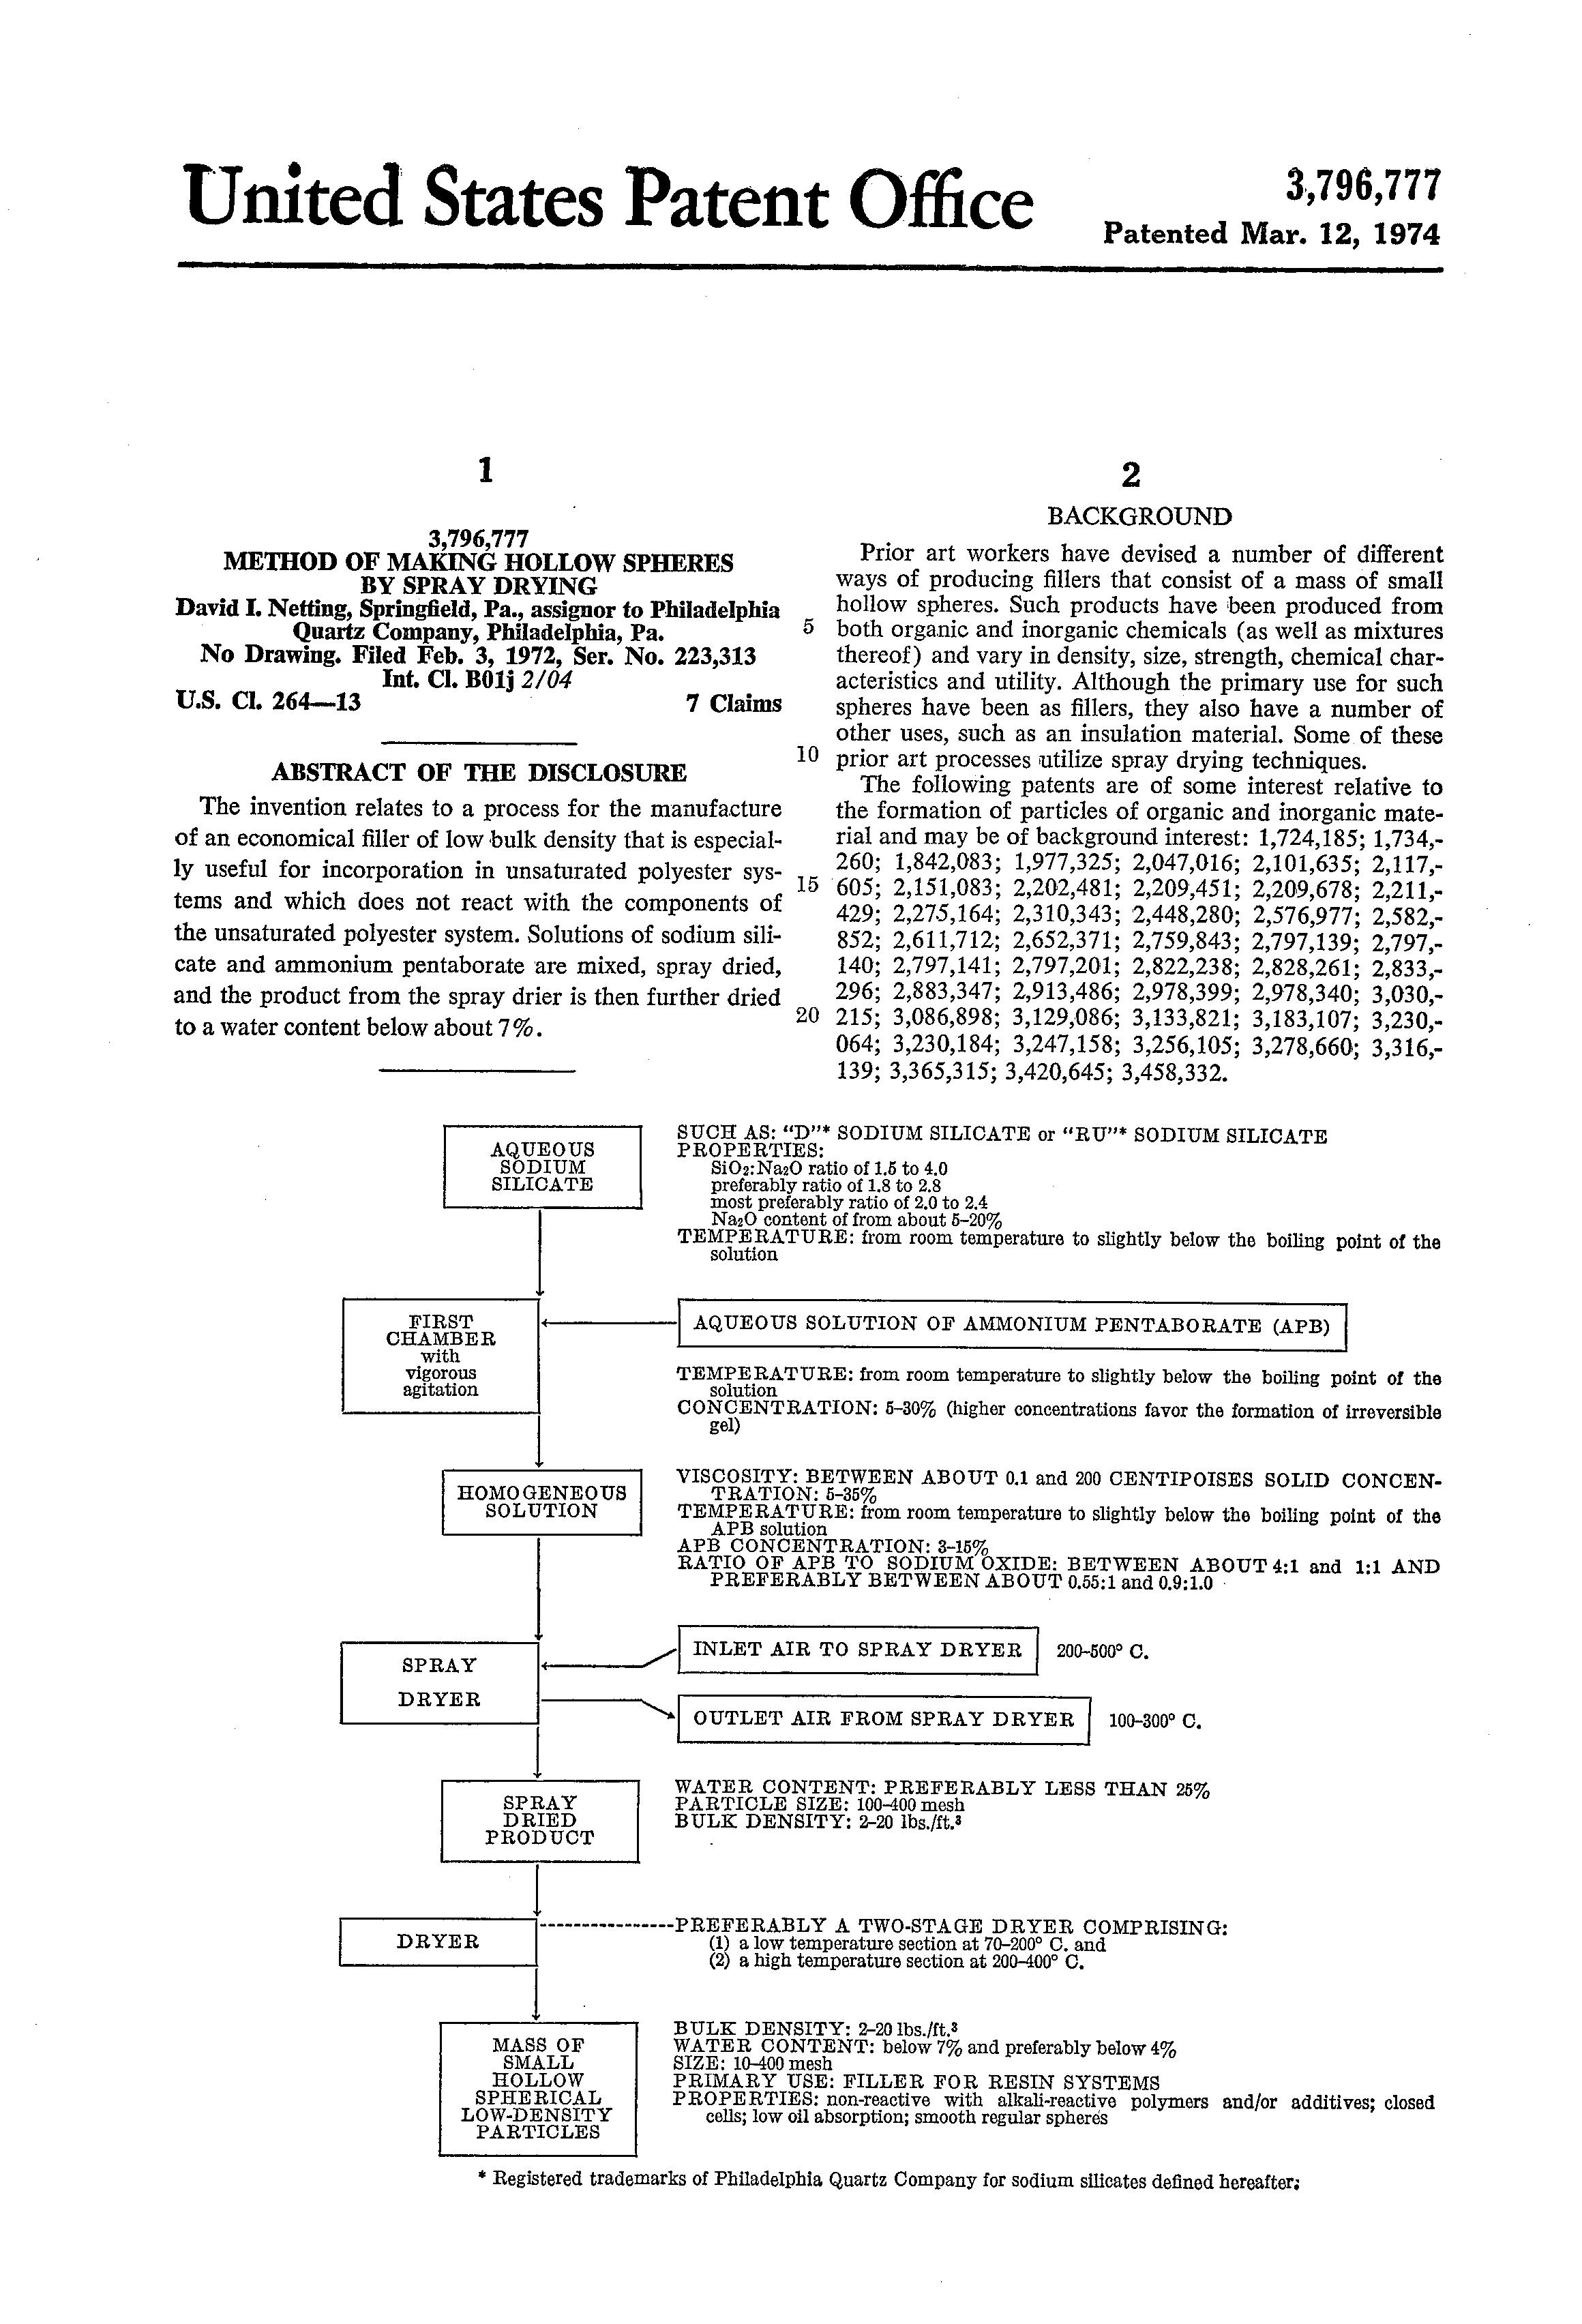 brevet us3796777 method of hollow spheres by